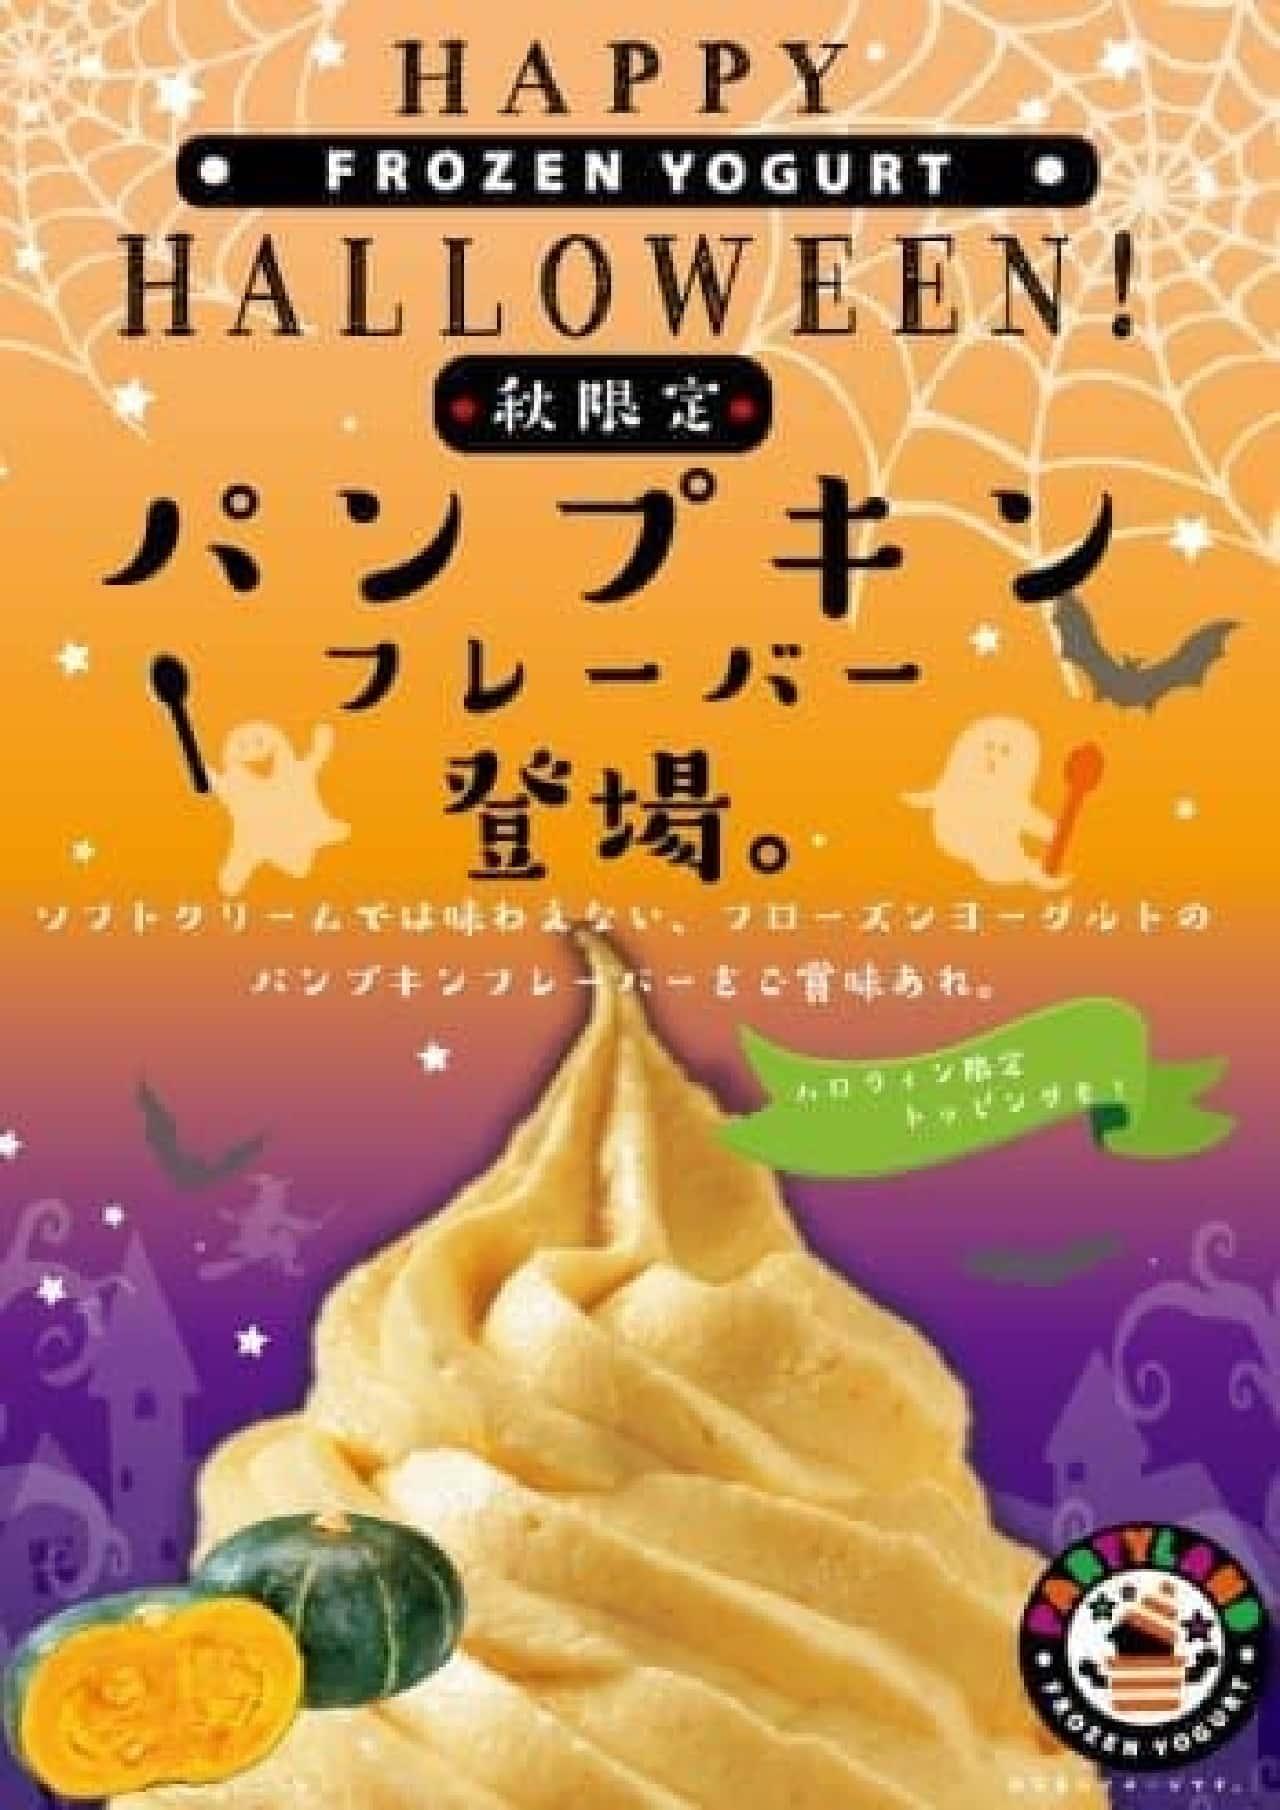 今だけ!かぼちゃ味のフローズンヨーグルトはいかが?